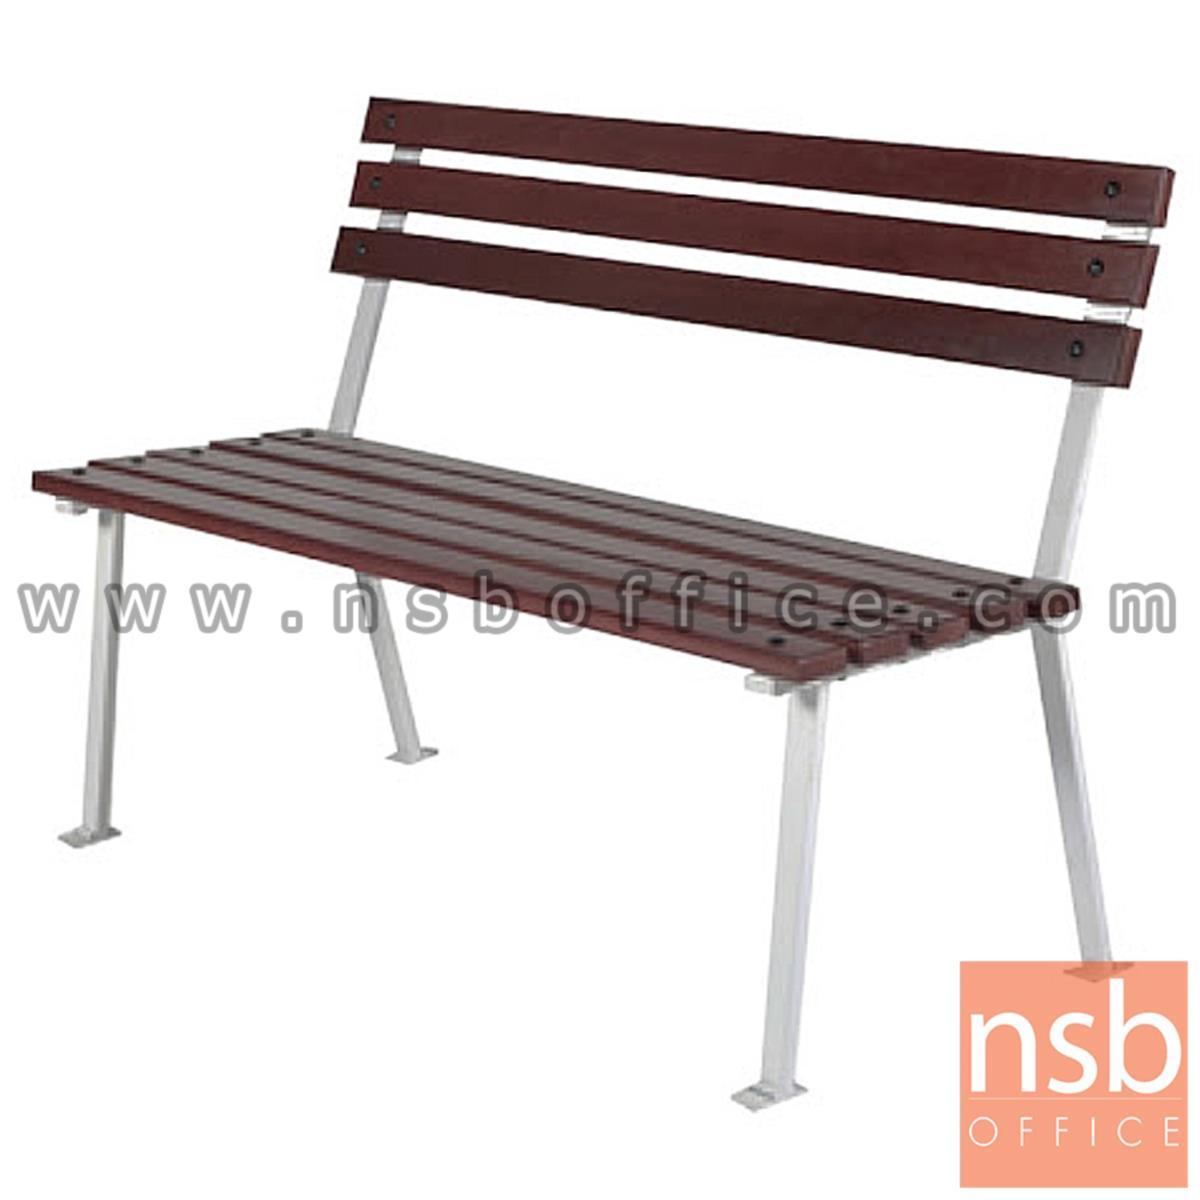 เก้าอี้สนามไม้เต็ง เหล็กหล่อ กทม. BKK-CS10 (100, 120, 150, 200 cm)